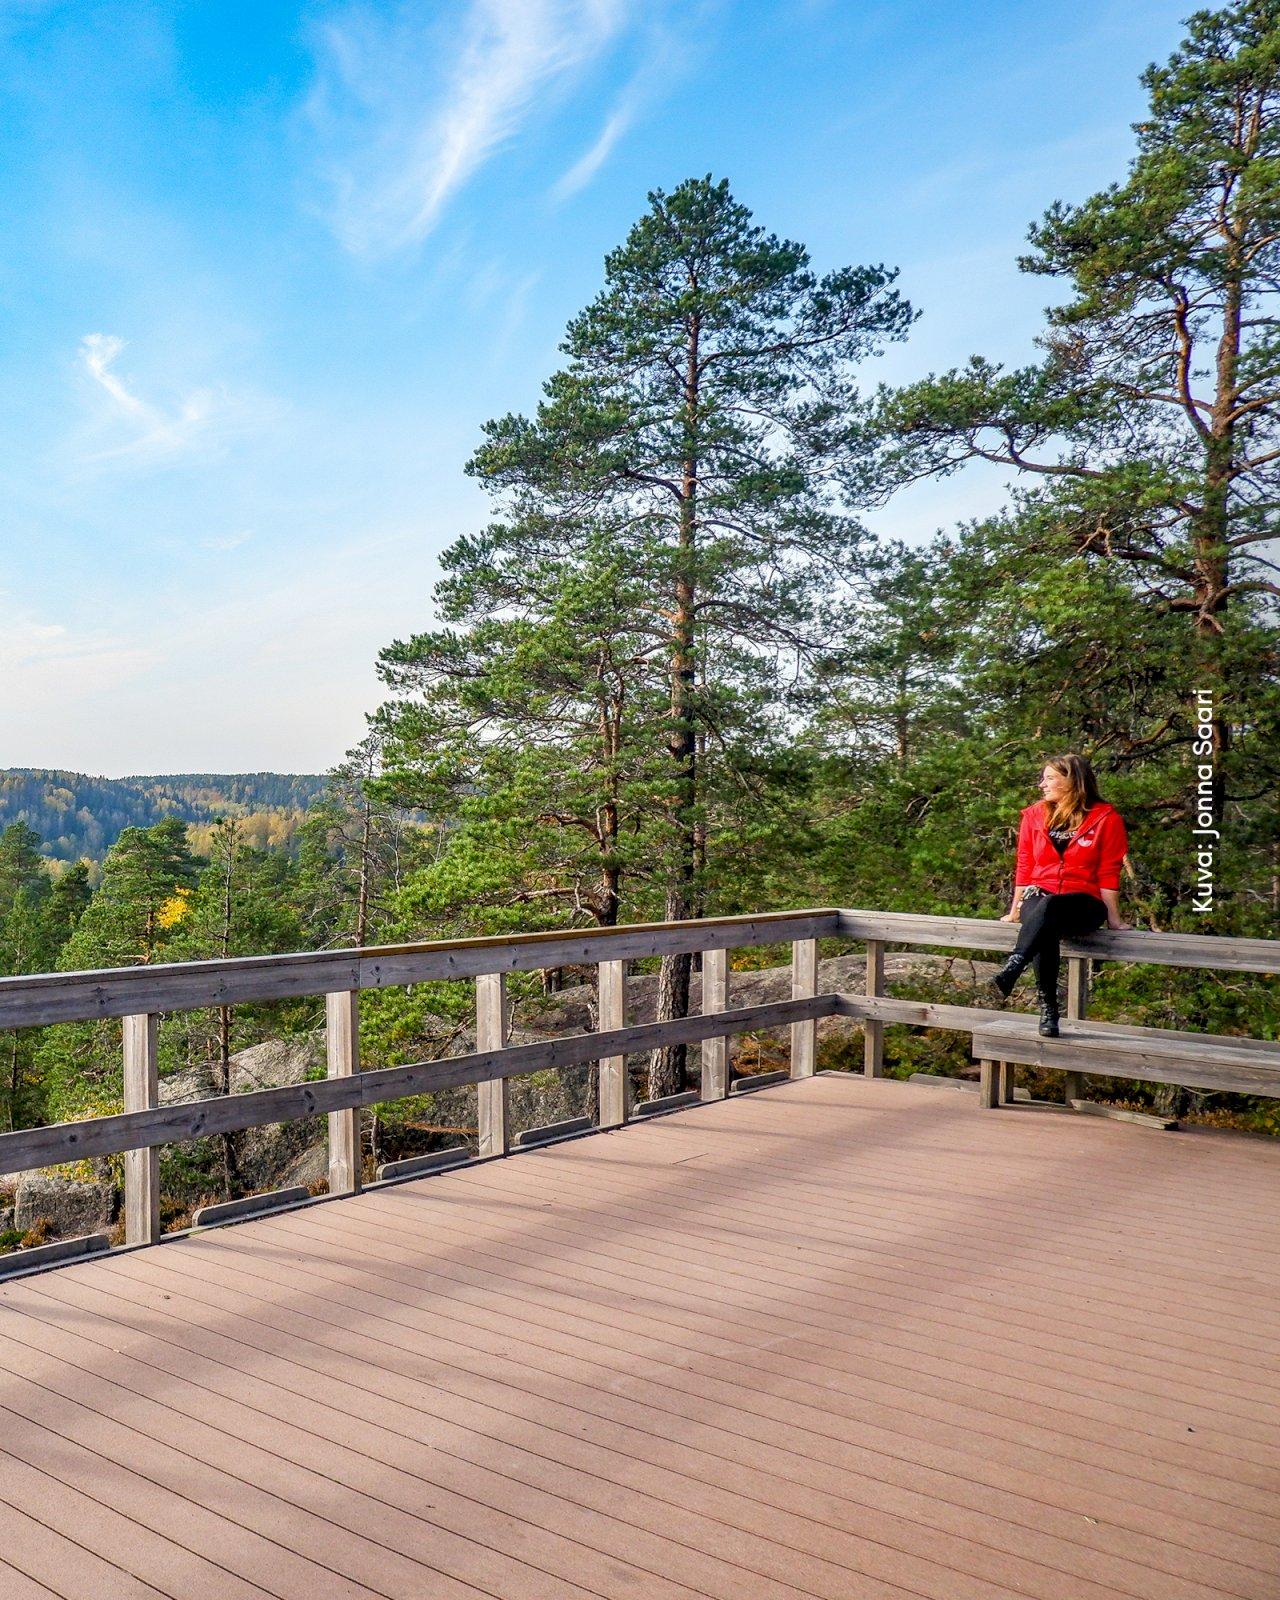 Nainen istuu luonto- ja retkeilykeskus Haltian näköalaterassilla ja ihailee metsämaisemaa.